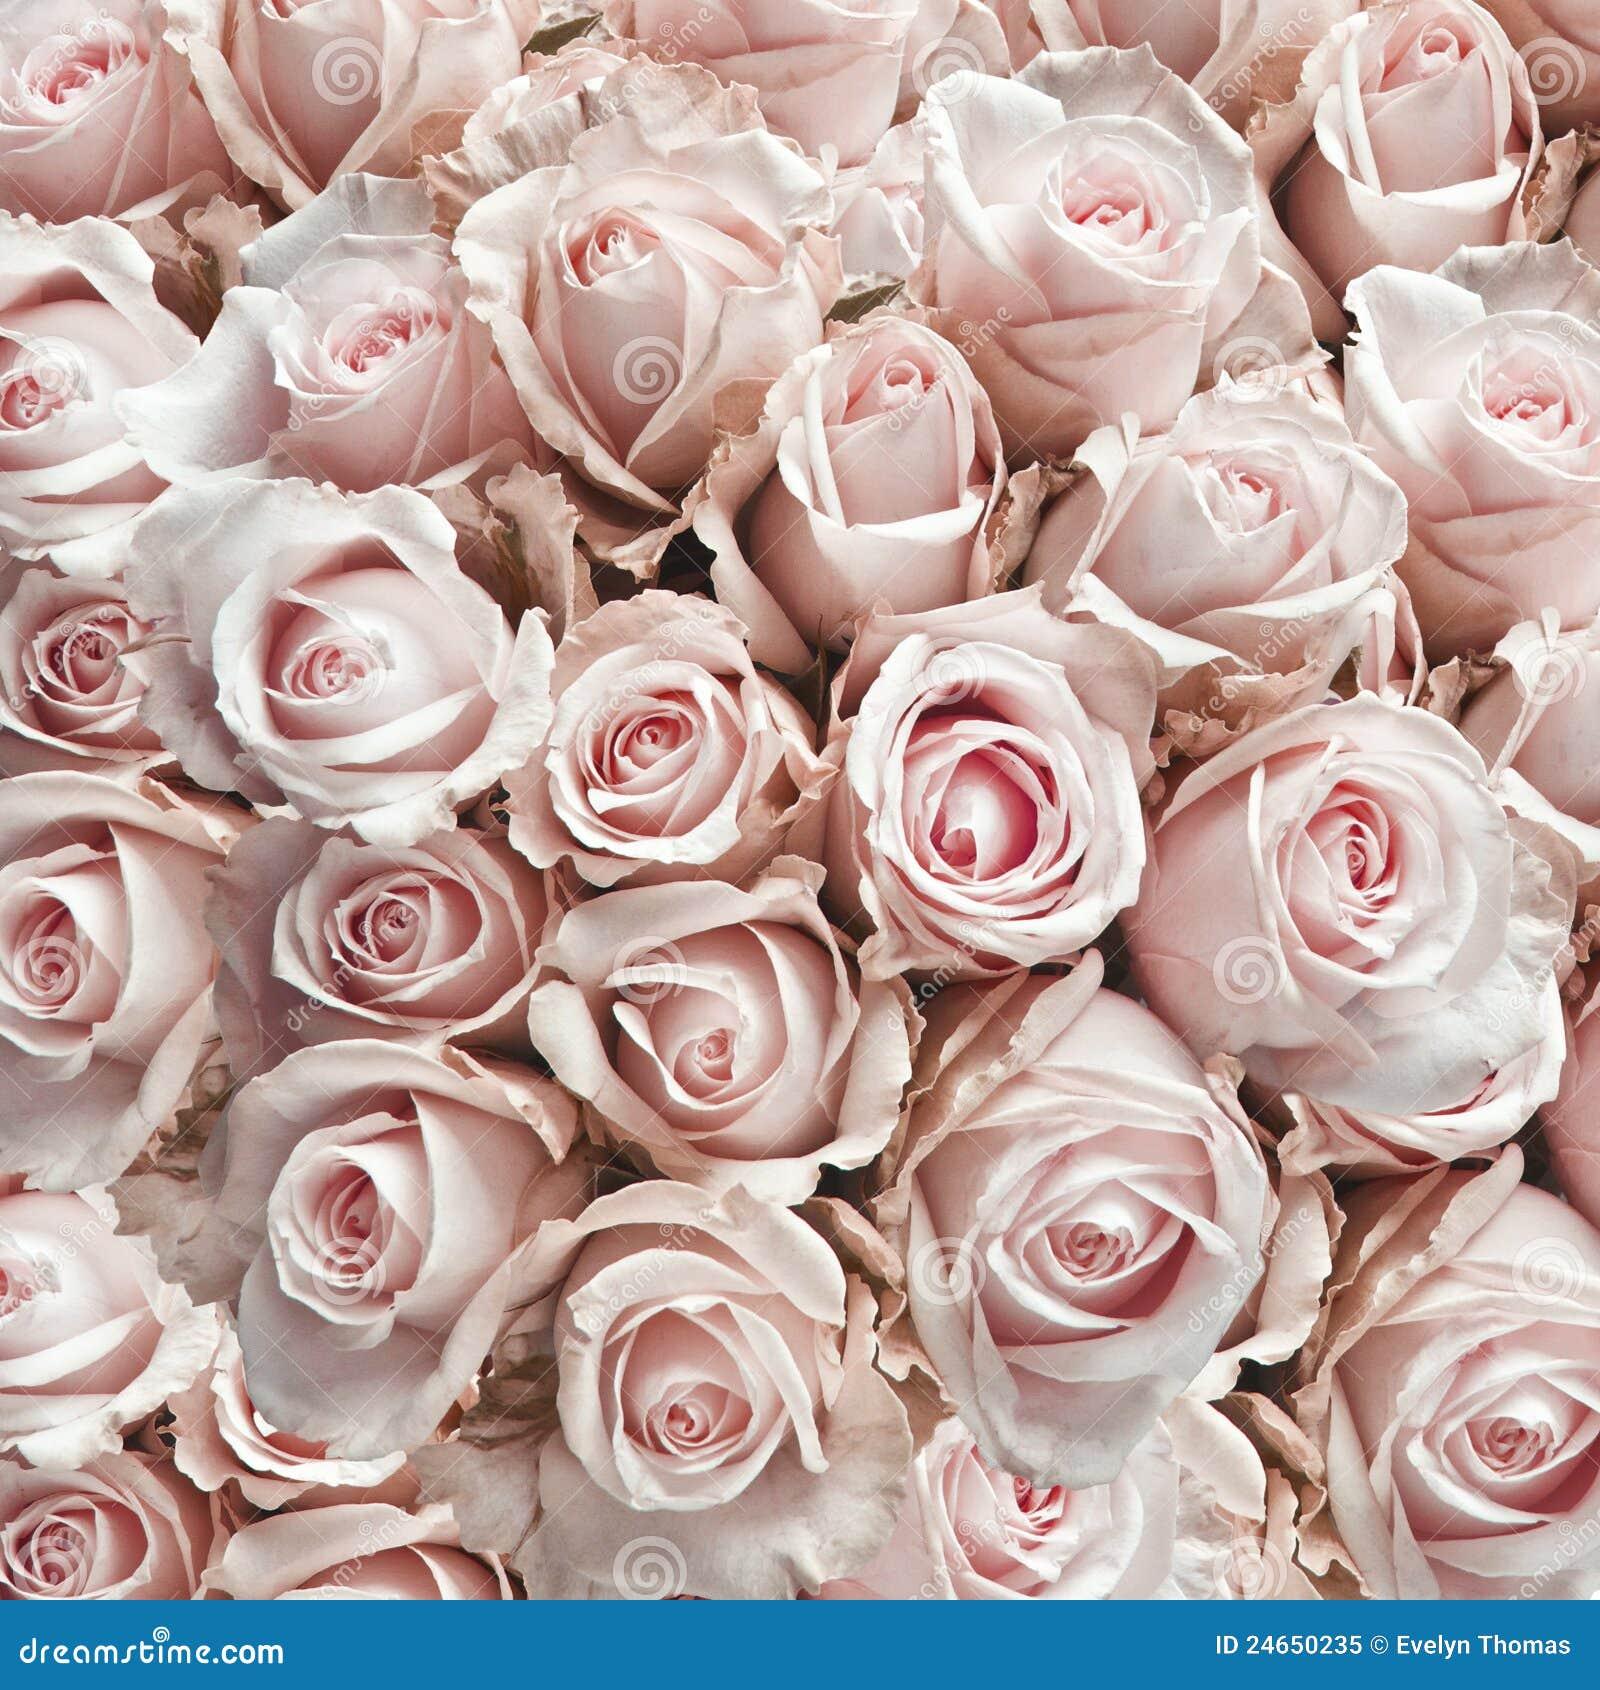 pink vintage roses stock image image of arrangement 24650235. Black Bedroom Furniture Sets. Home Design Ideas